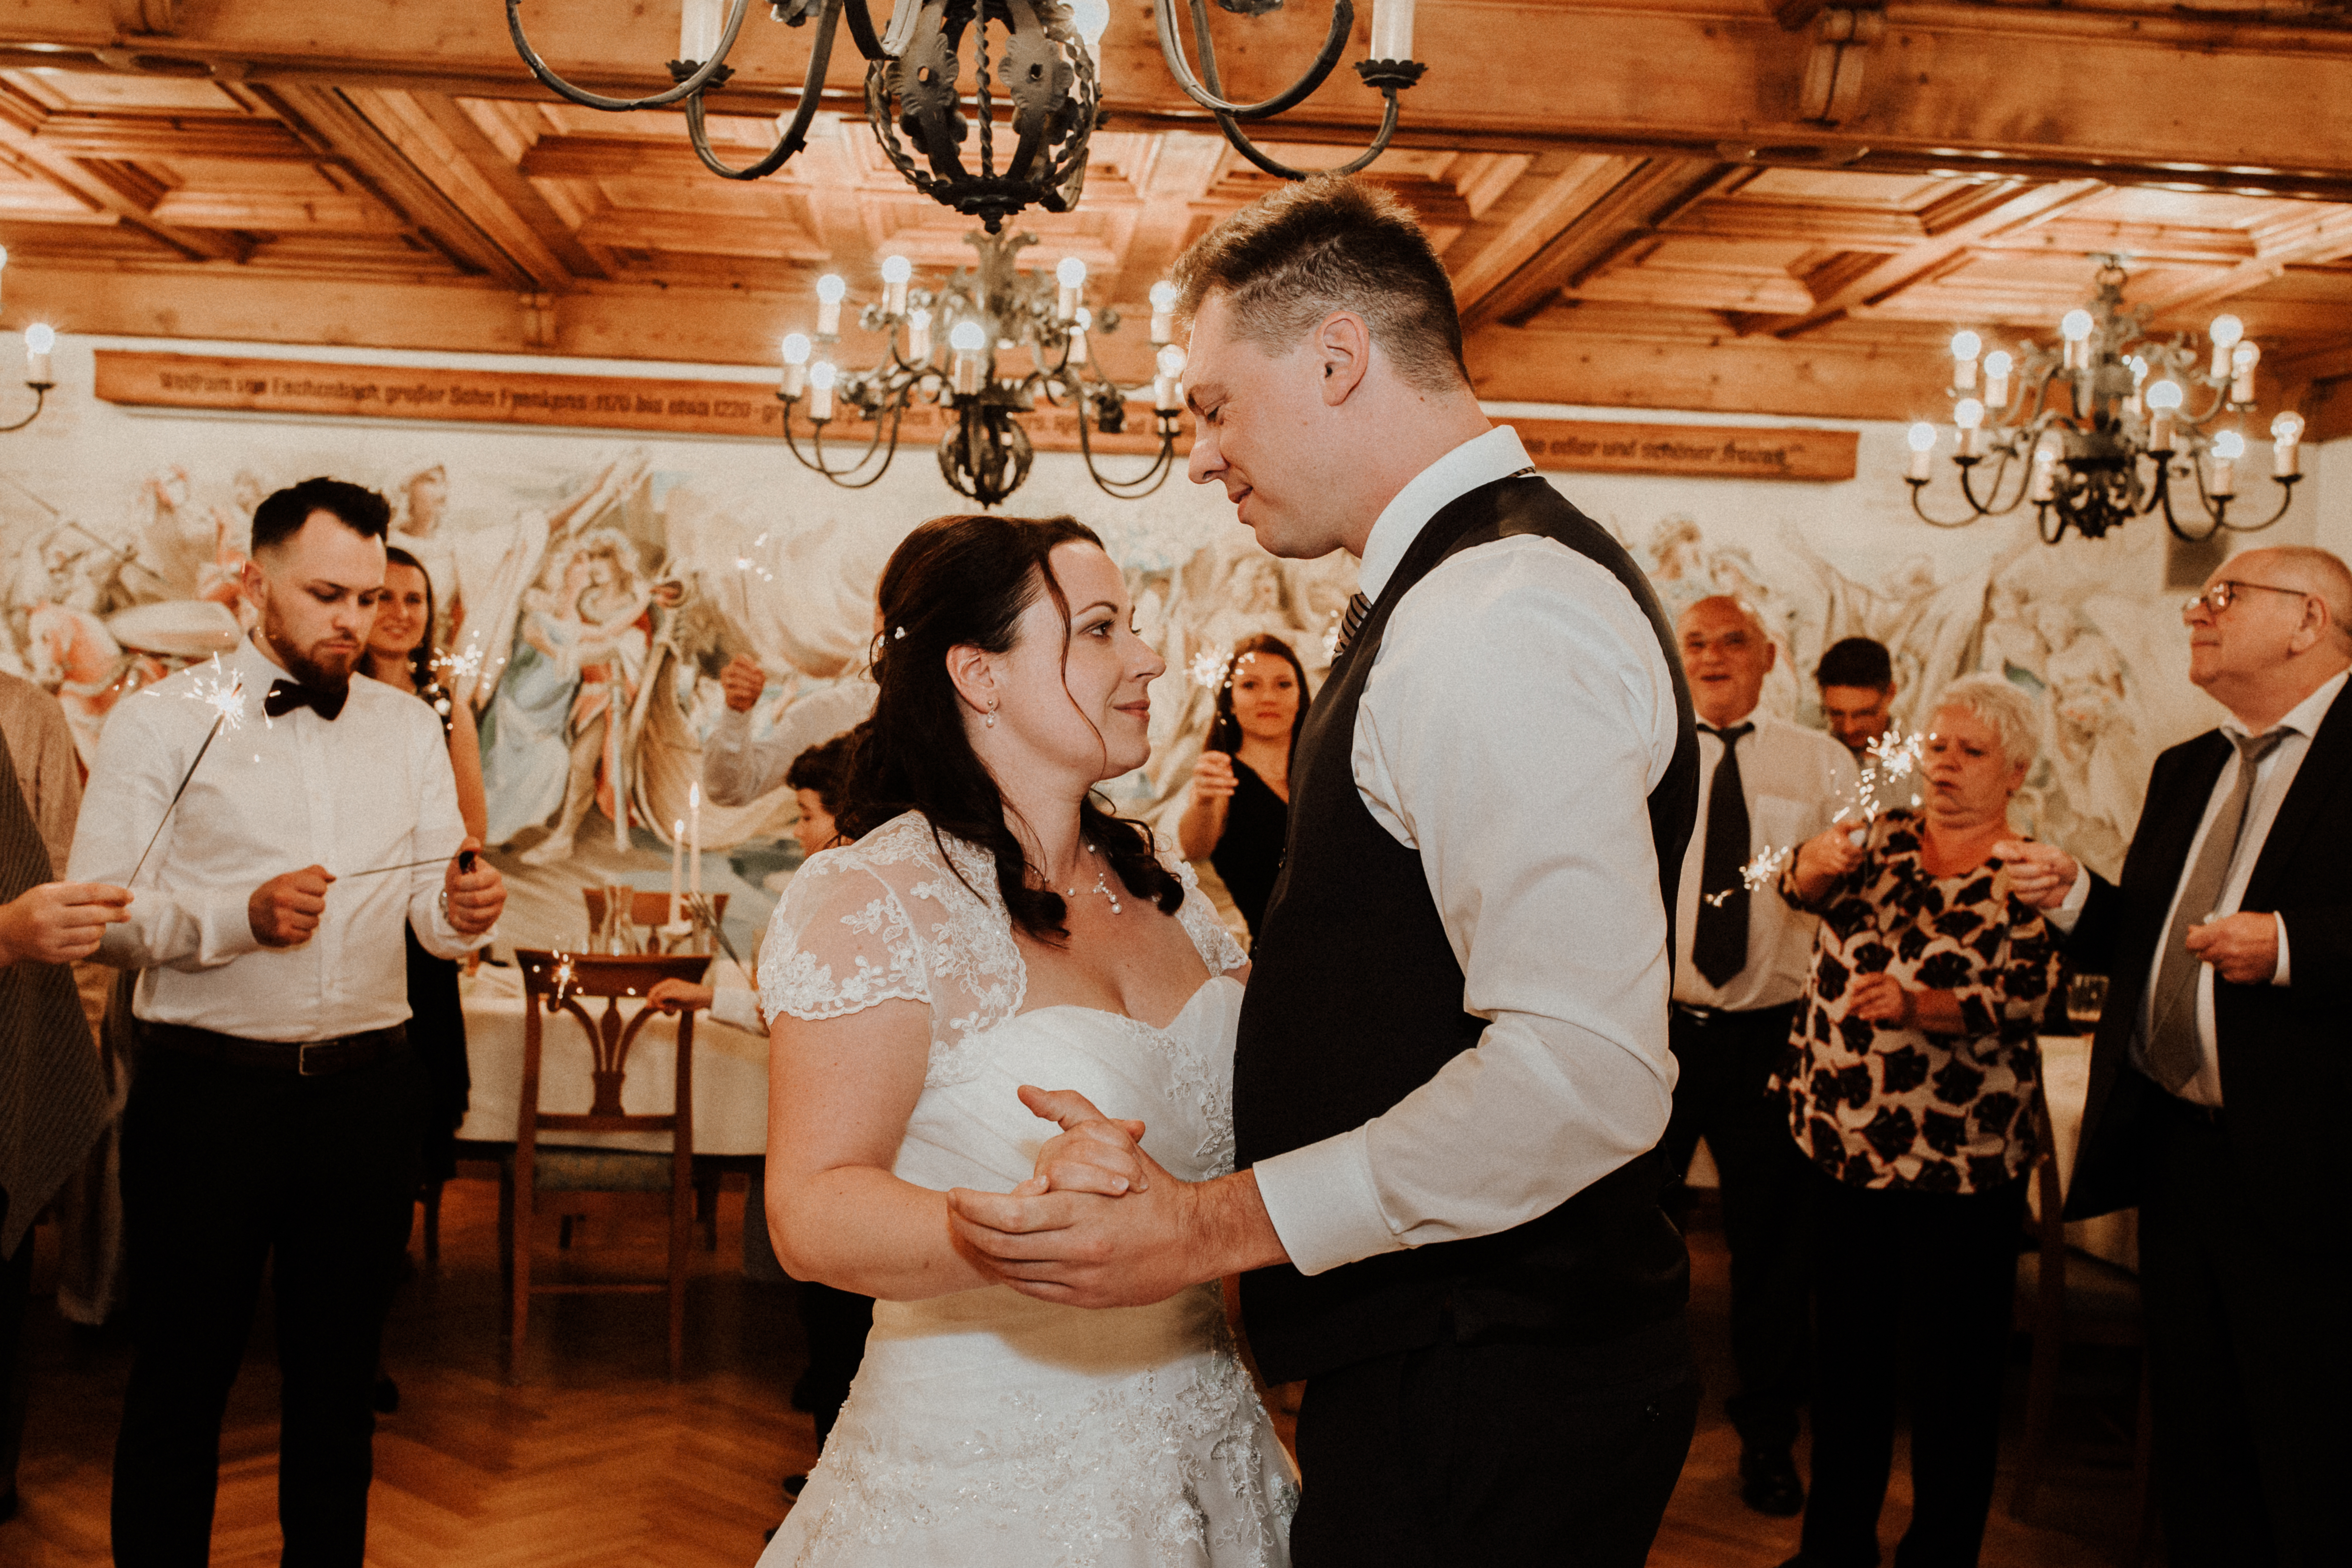 URBANERIE_Daniela_Goth_Hochzeitsfotografin_Nürnberg_Fürth_Erlangen_Schwabach_171007_1880